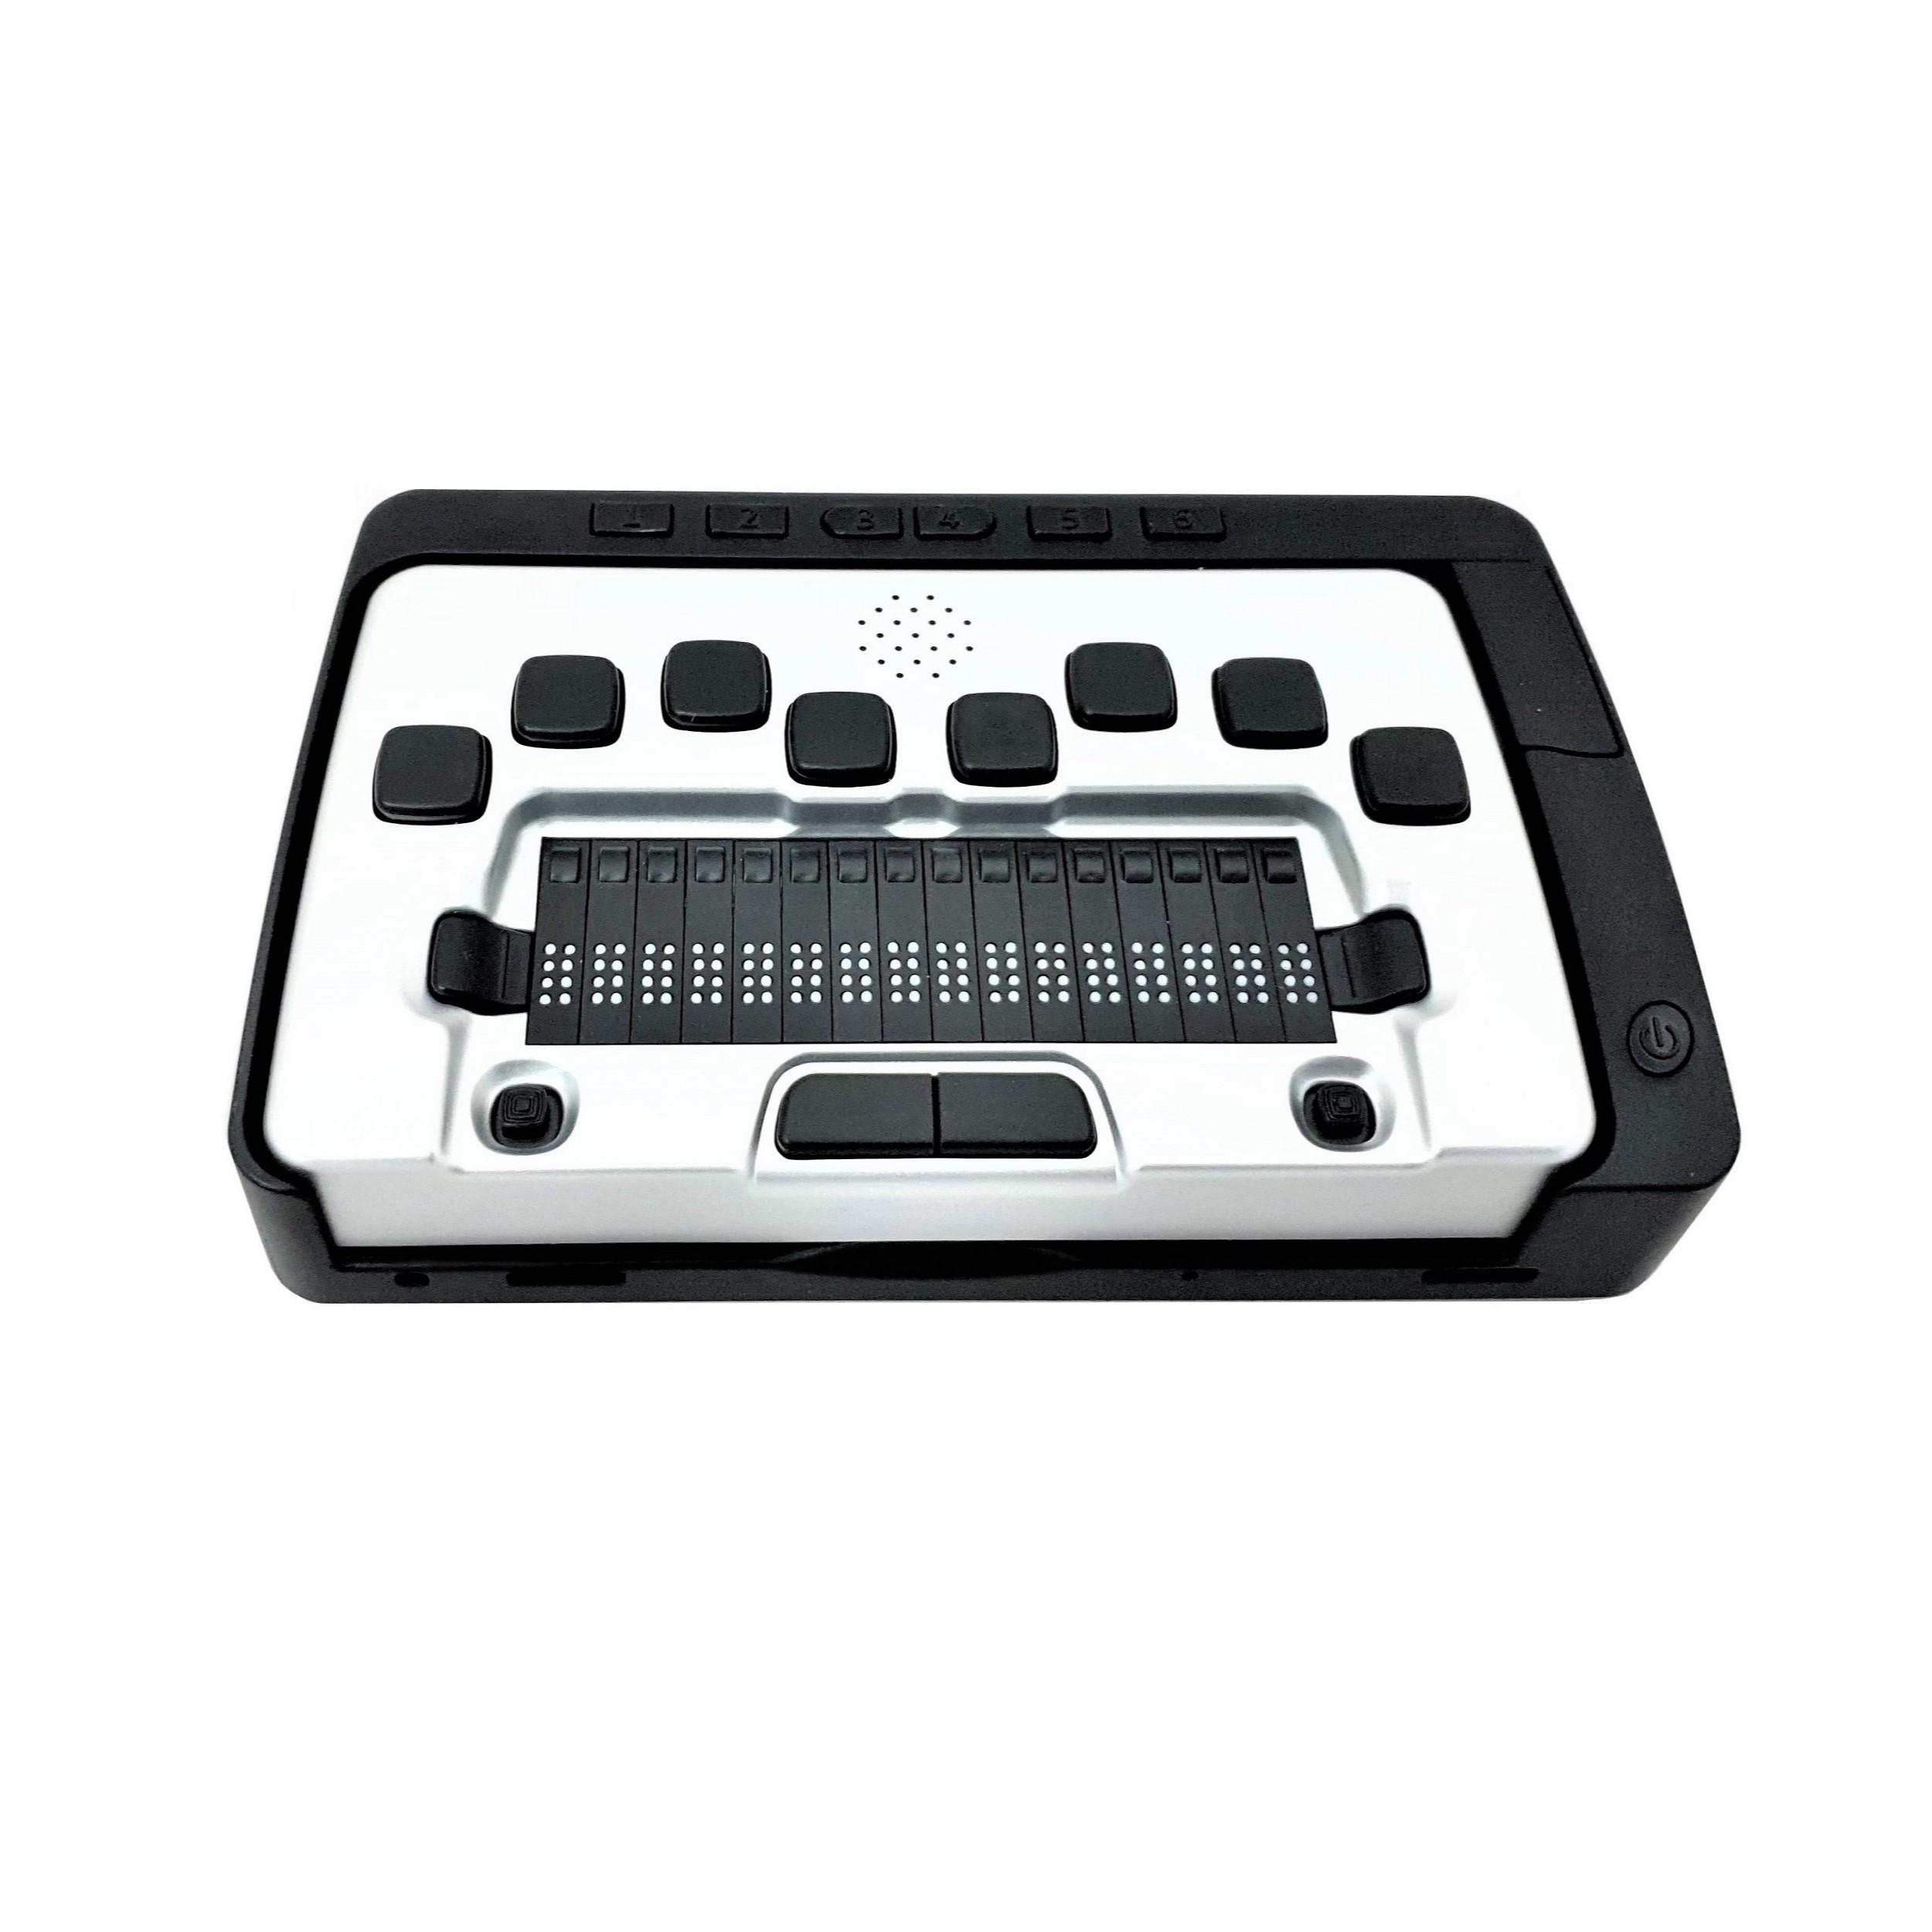 Портативный компьютер с вводом/выводом шрифтом Брайля и синтезатором речи Дактило